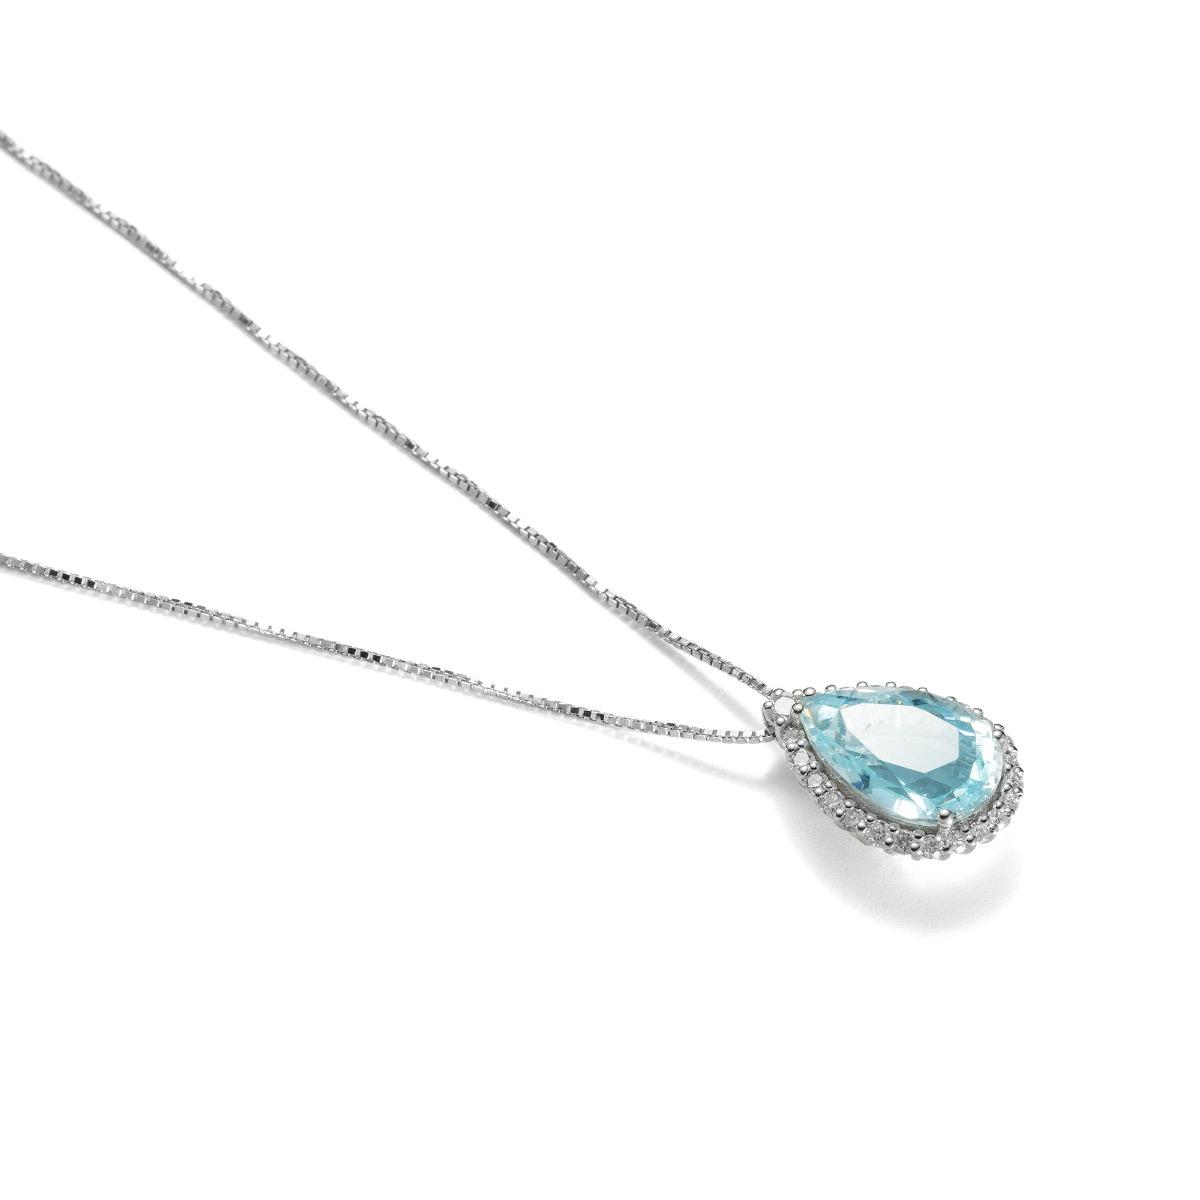 Fantasy Aquamarine Pendant